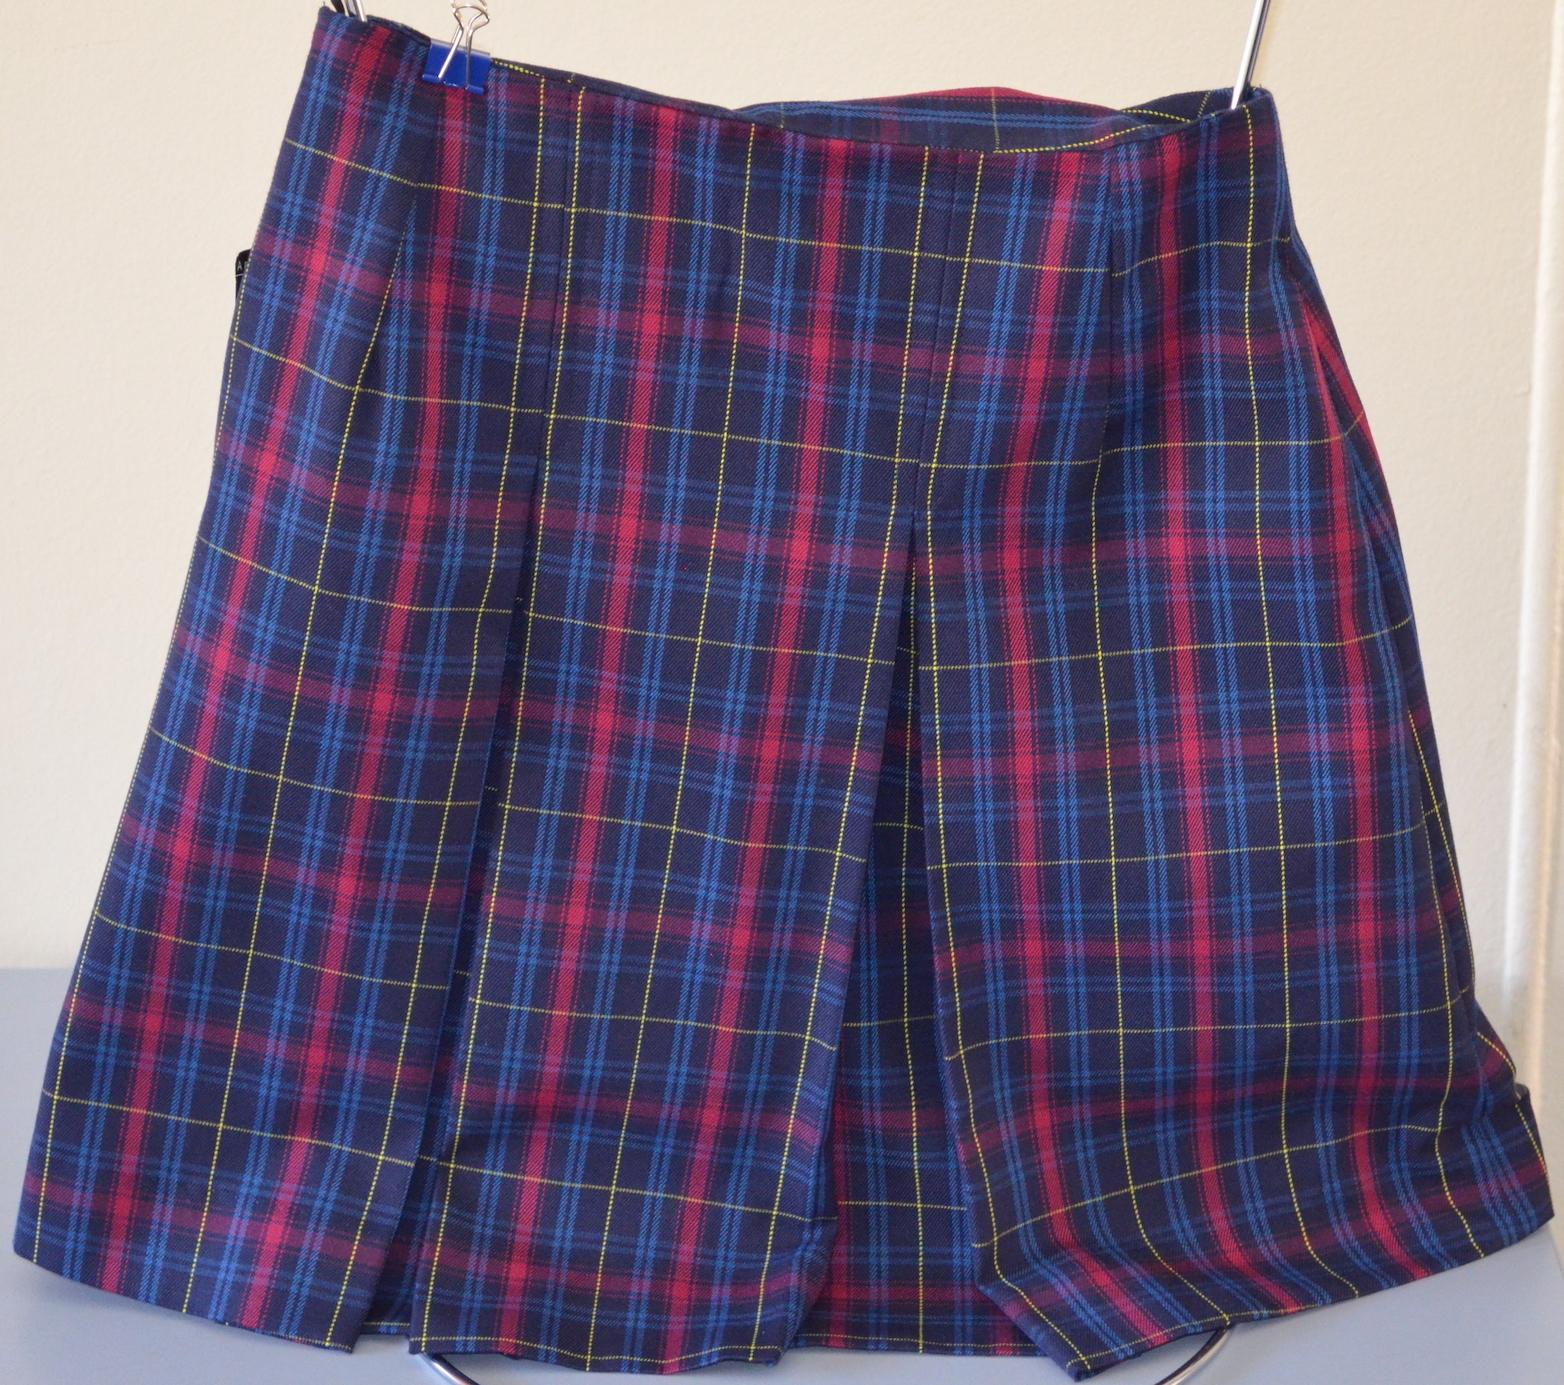 Senior pleated skirt